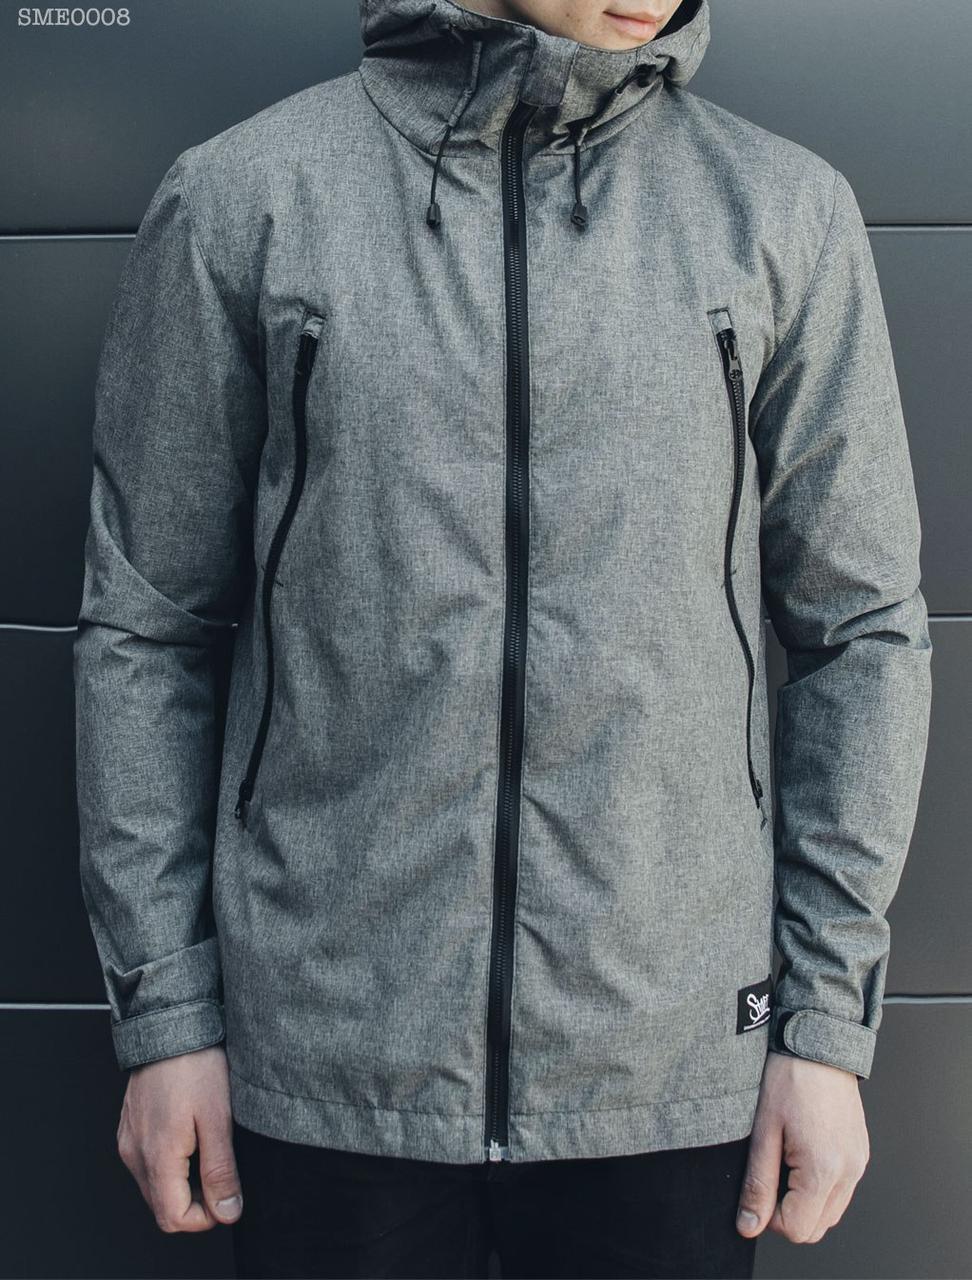 8683813a5389 Куртка, ветровка мужская спортивная Staff melange gray серая, утепленная  флисом с капюшоном 2017 -